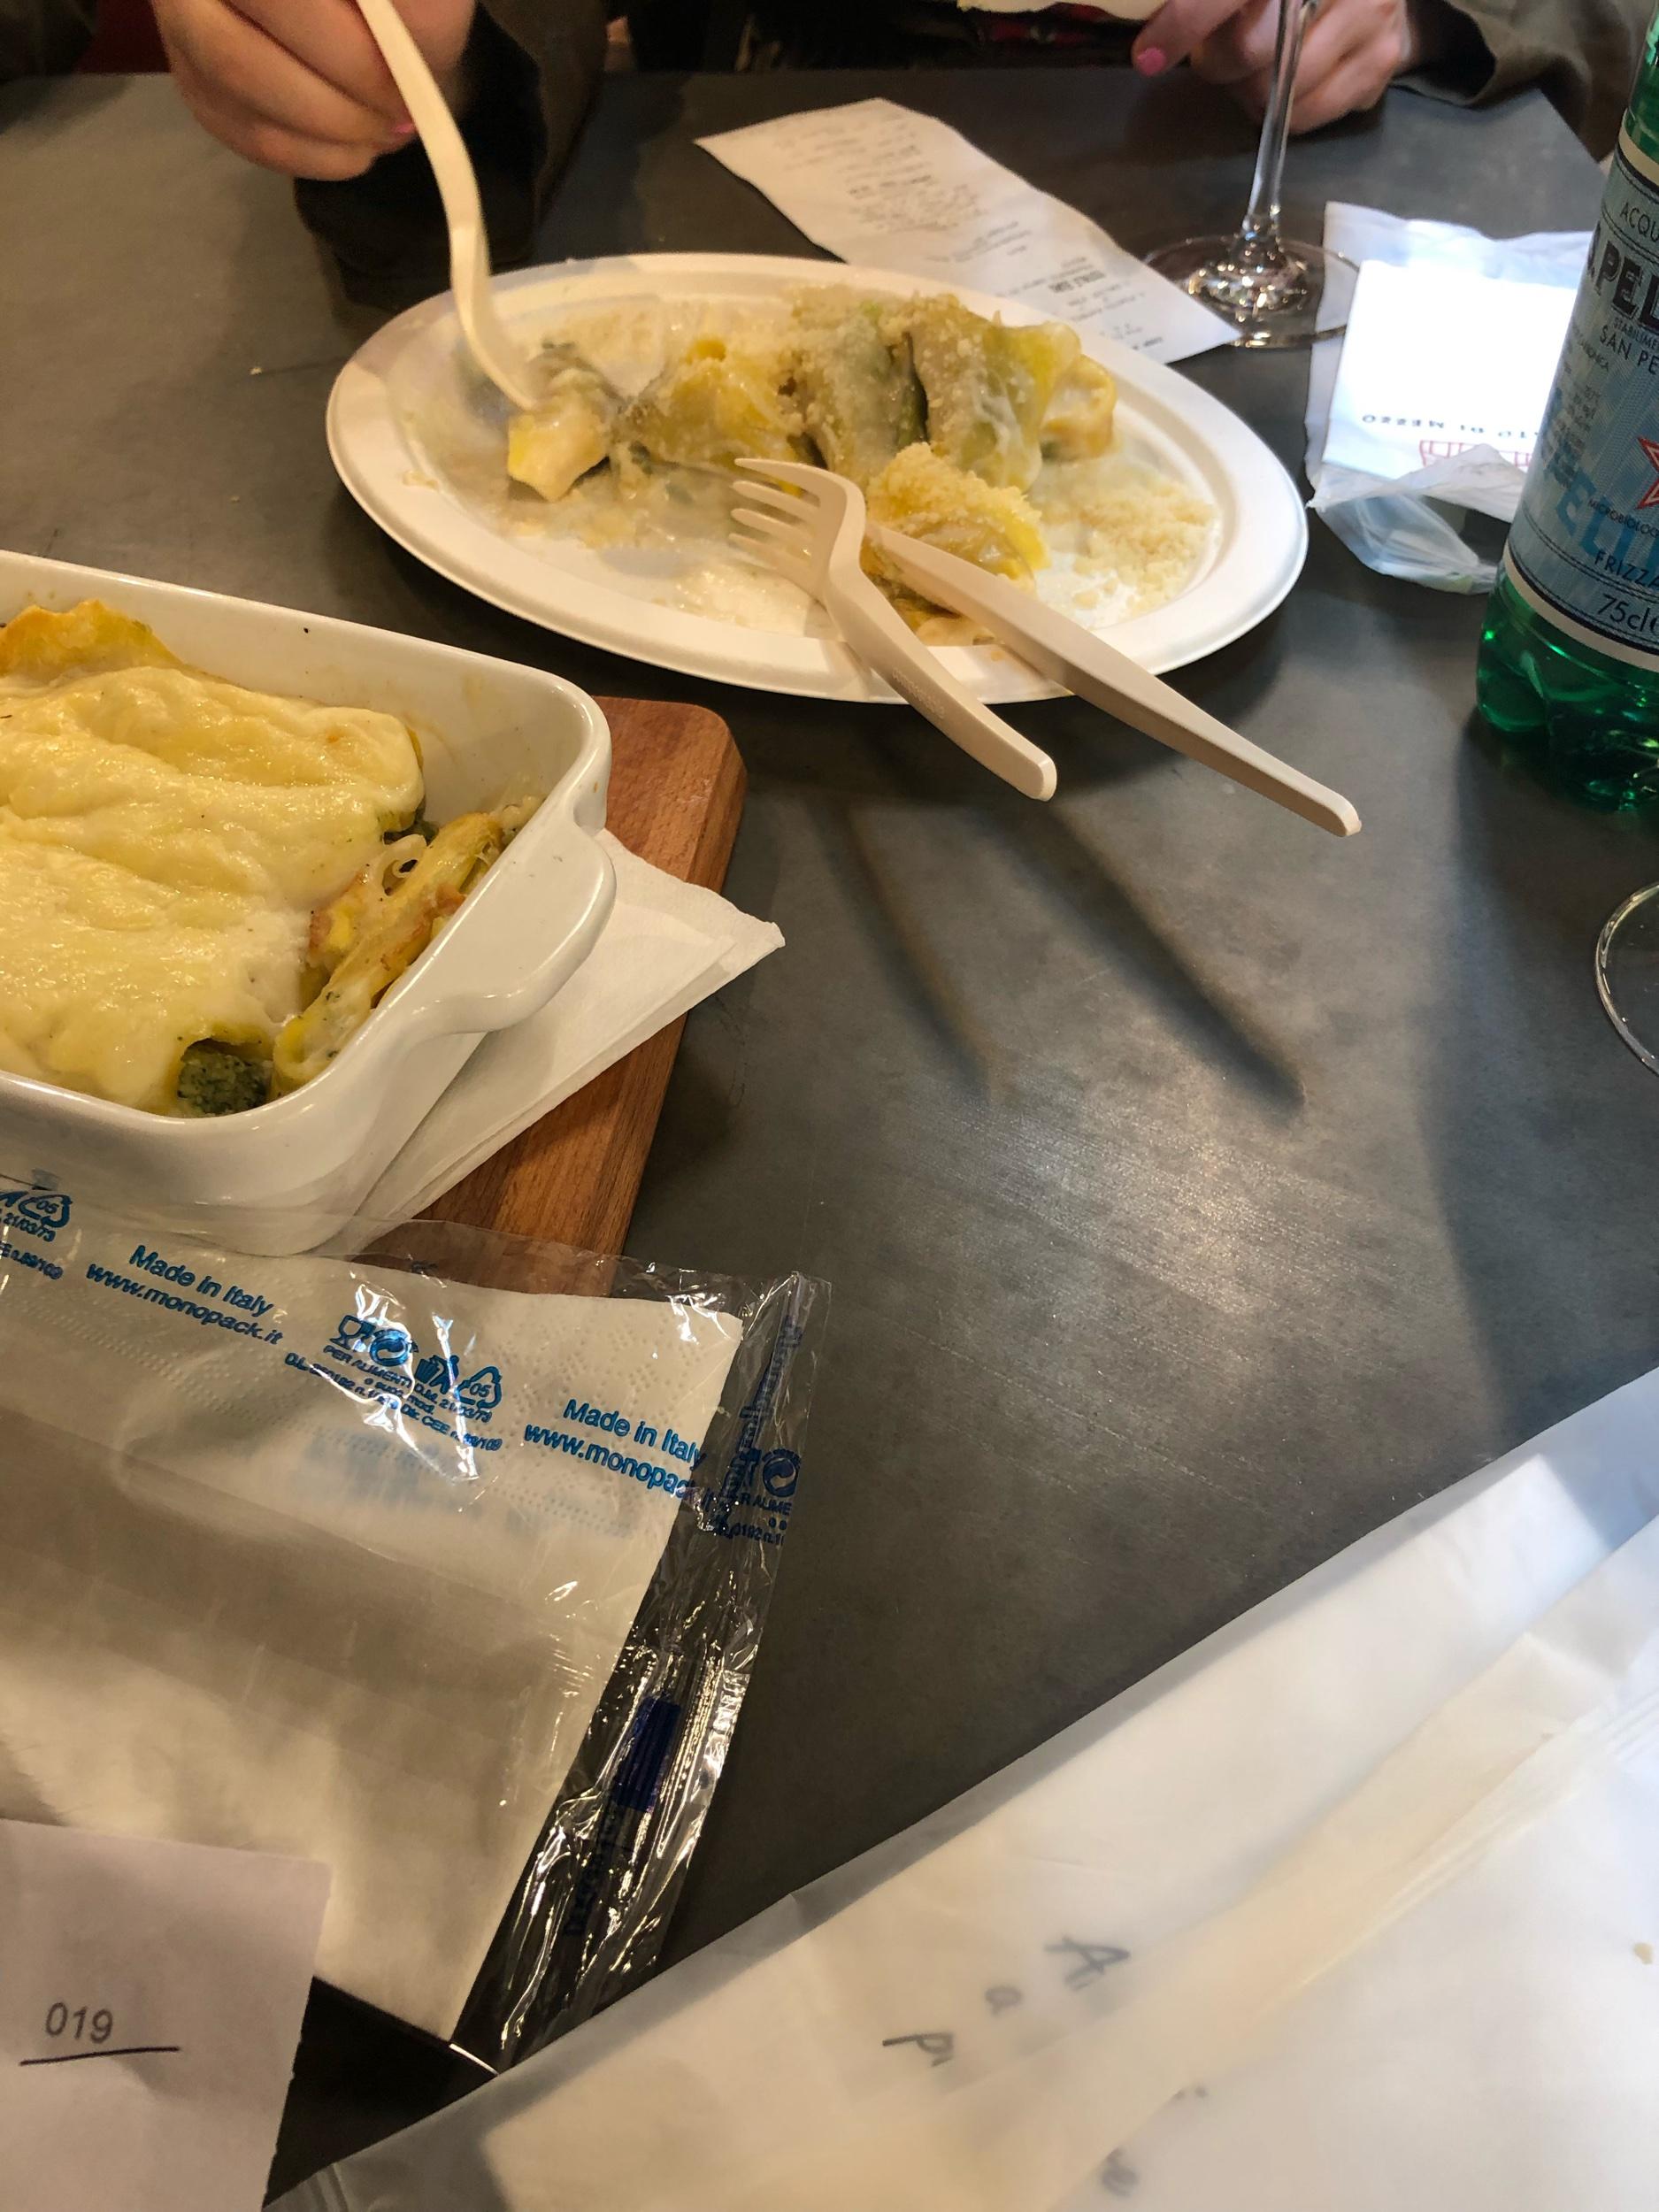 Lunch at Mercado di Mezzo